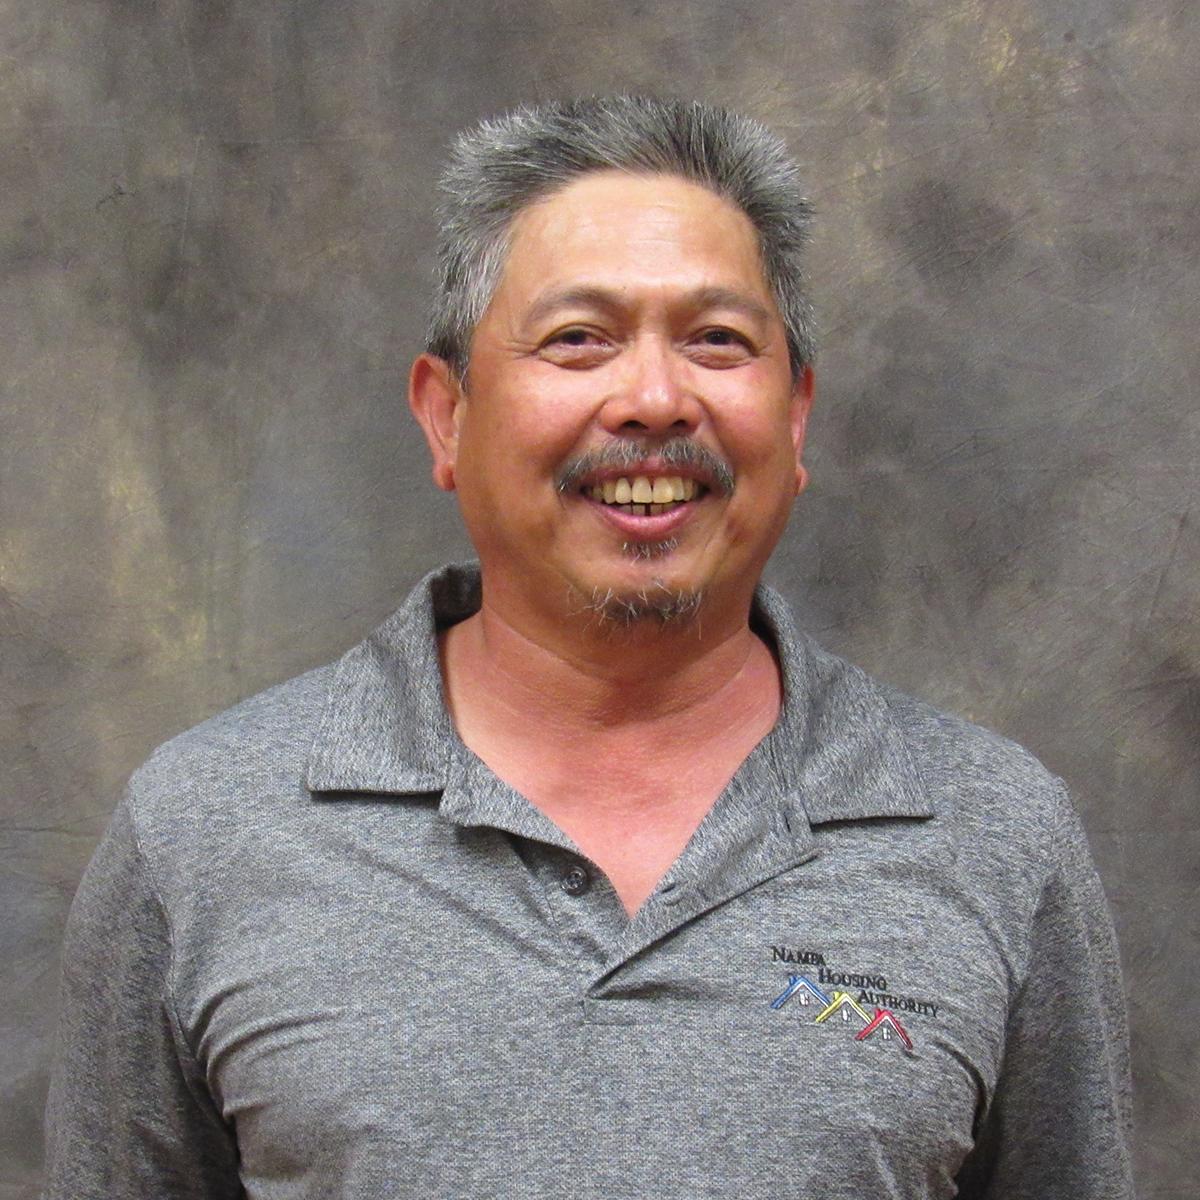 Vincent Amoguis, Maintenance Technician